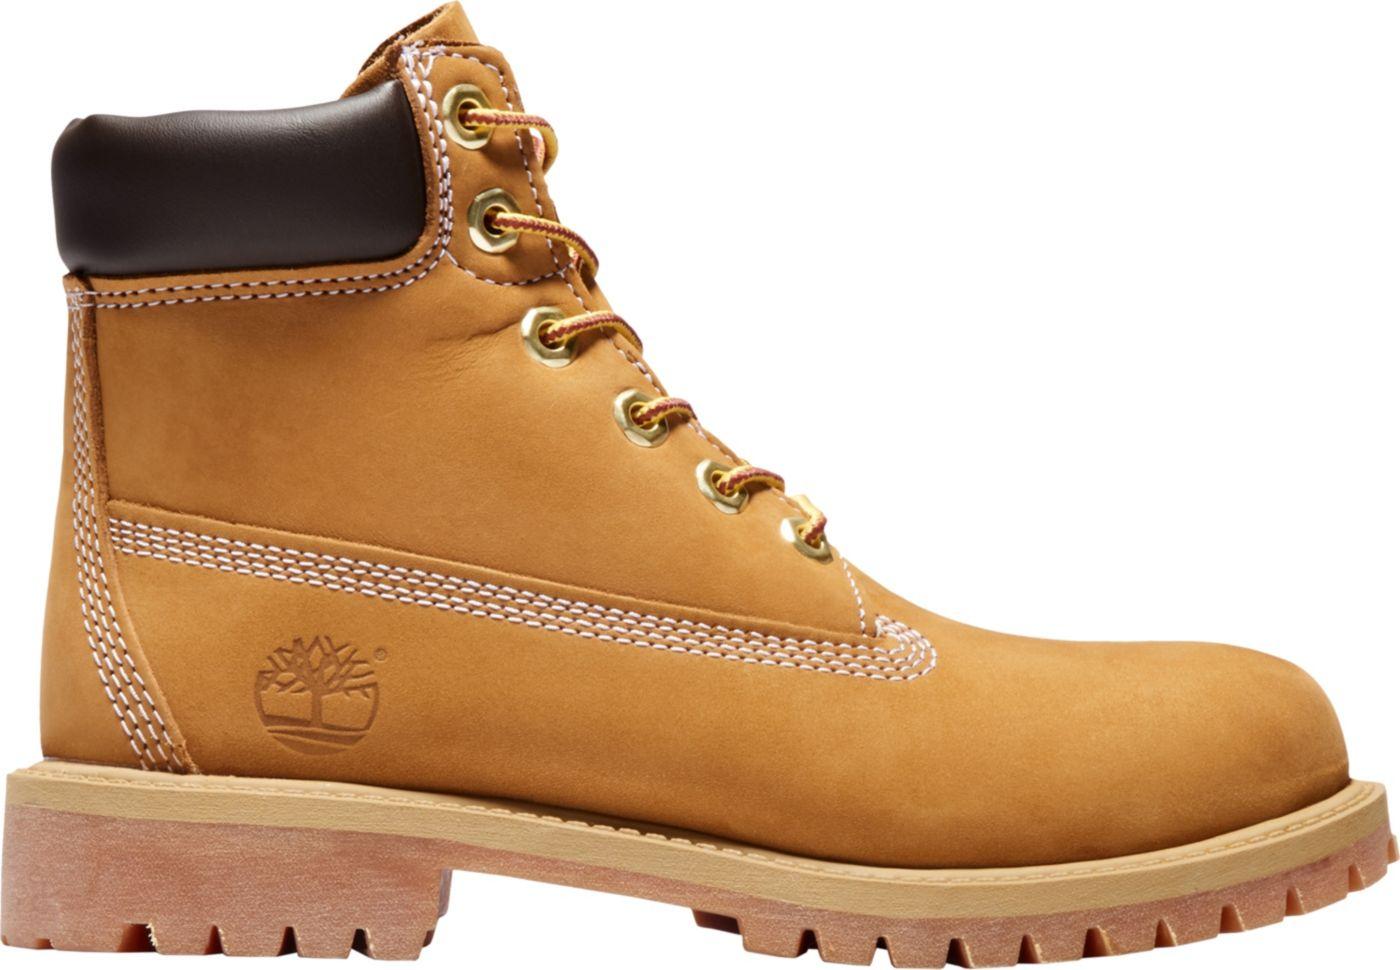 Timberland Kids' 6'' Premium 200g Waterproof Boots